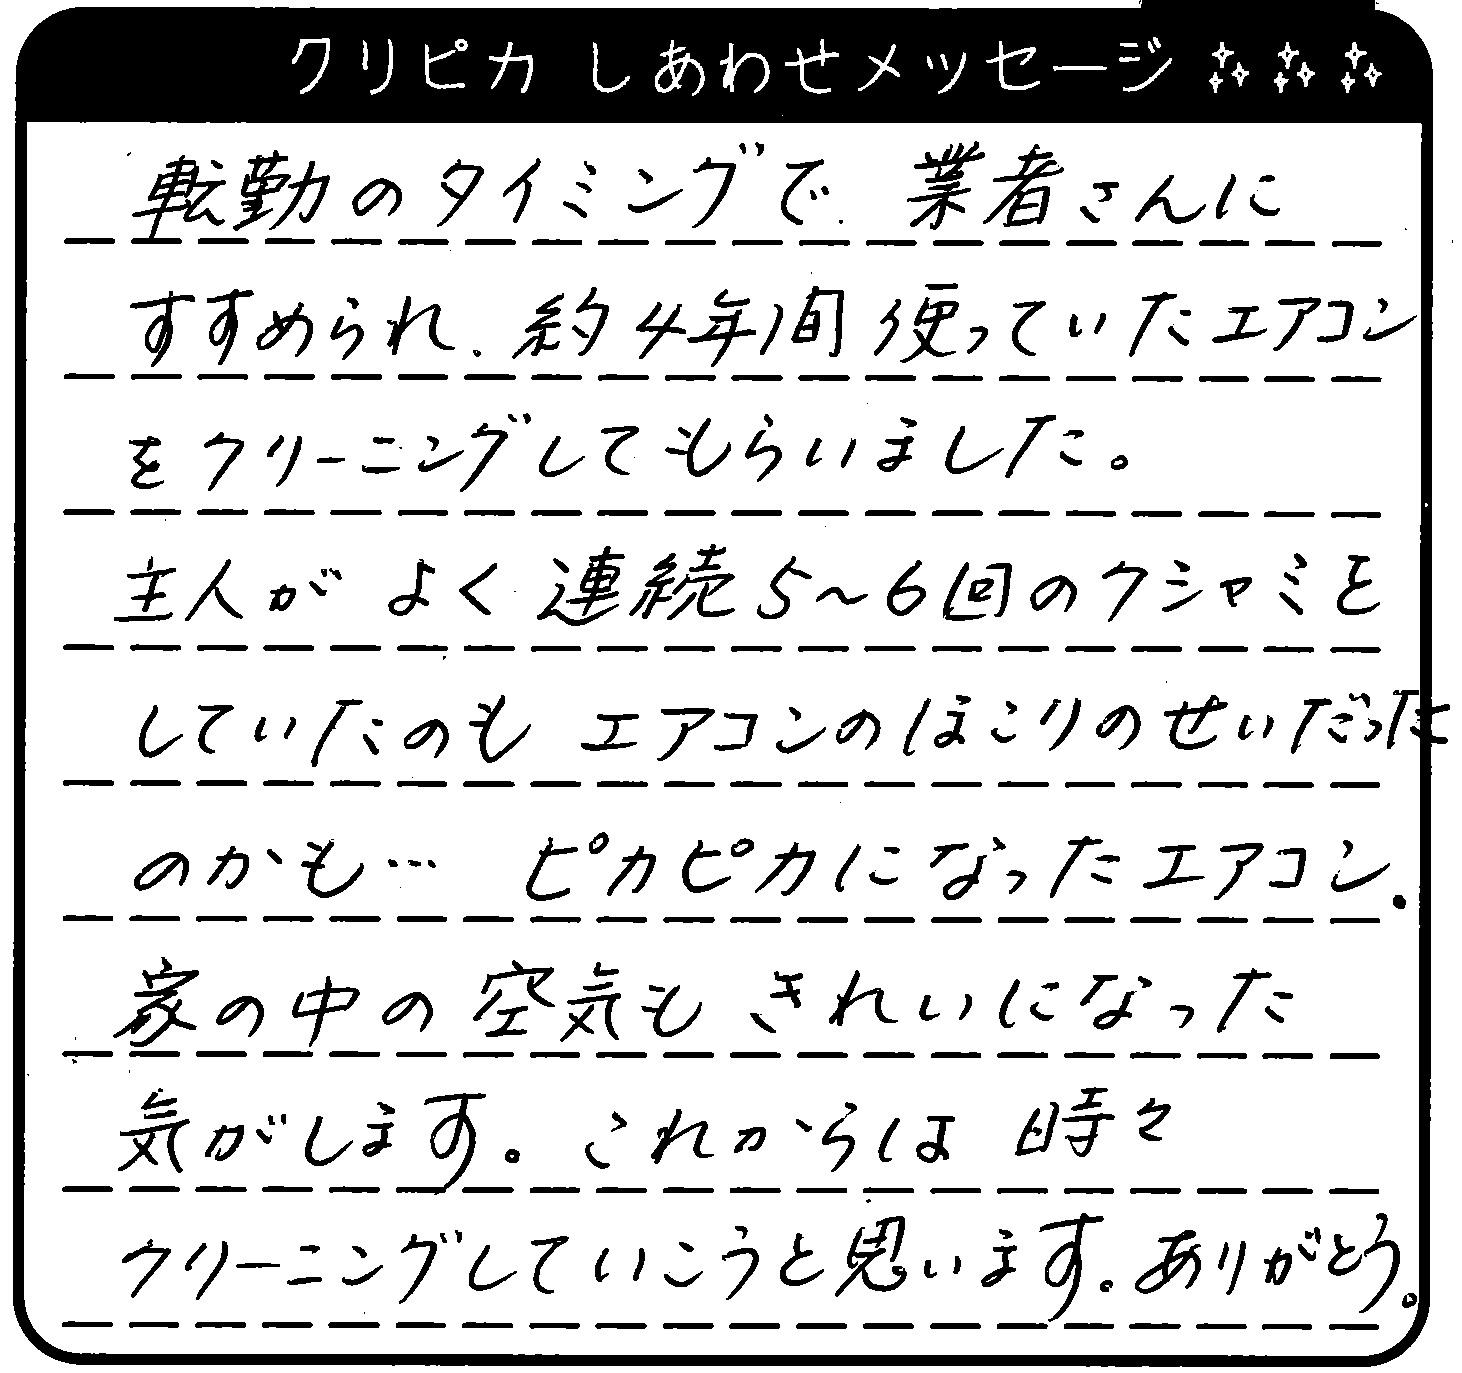 福井県 A様からのしあわせメッセージ